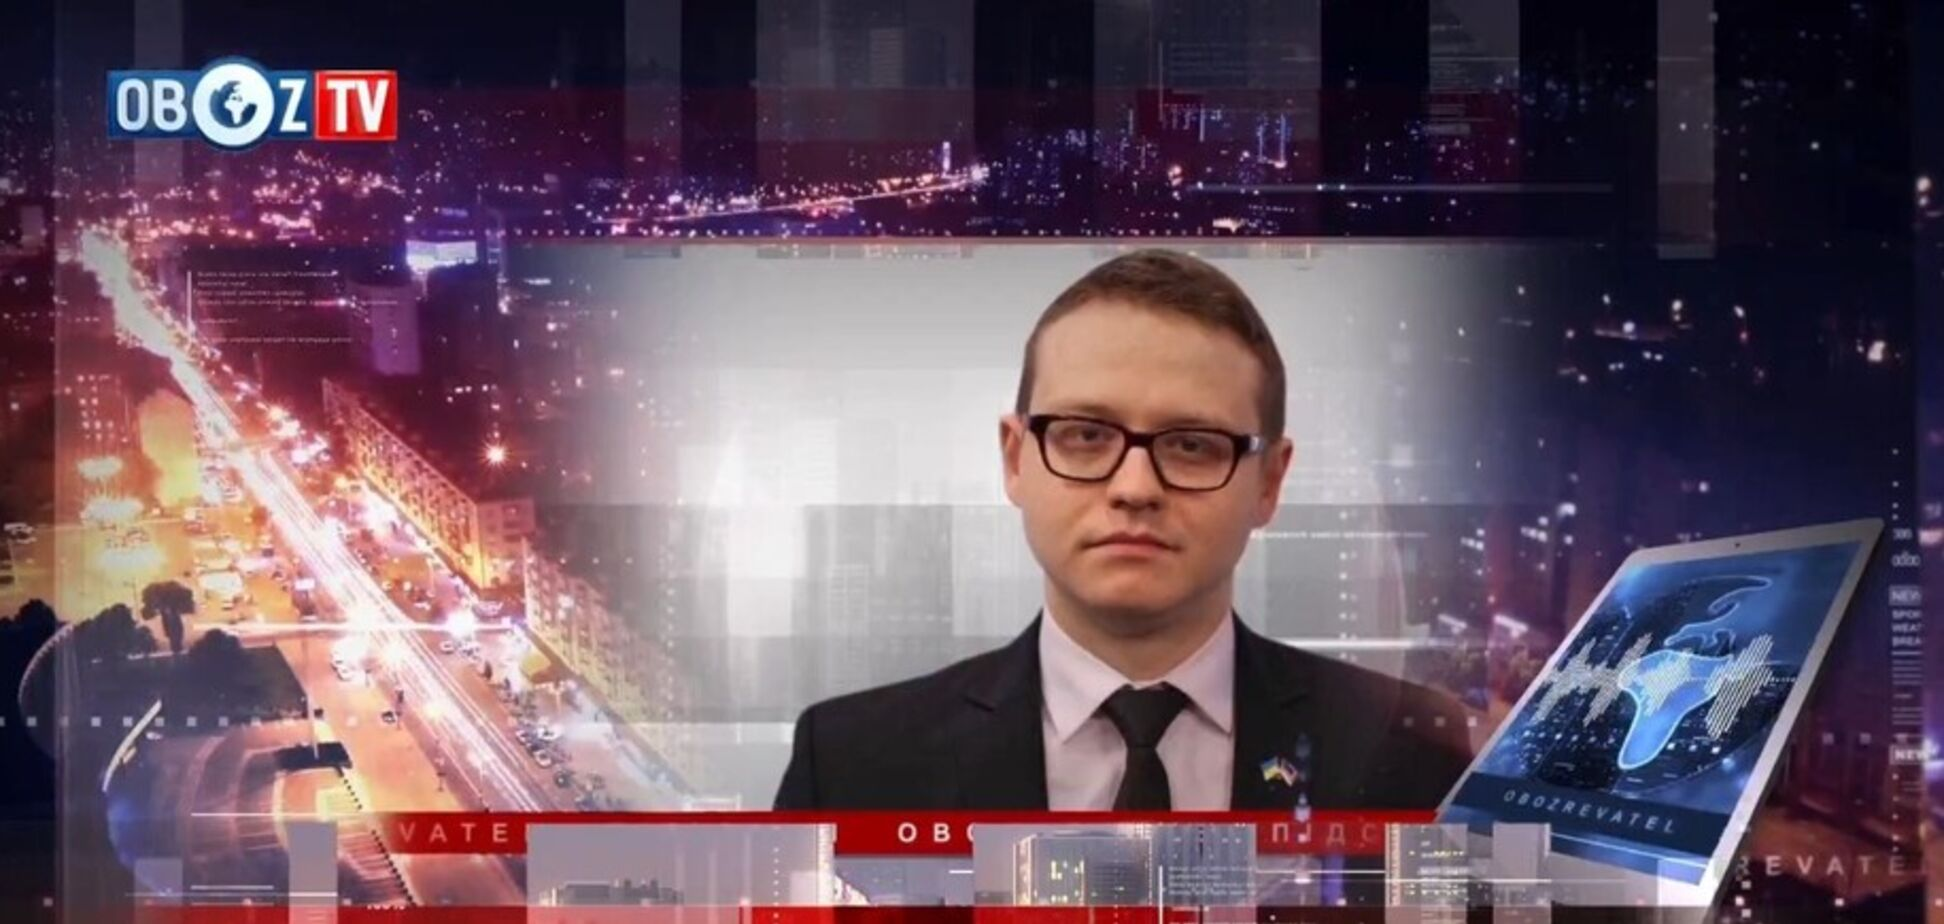 Россия имеет более сильную позицию в переговорах с Украиной: эксперт-международник